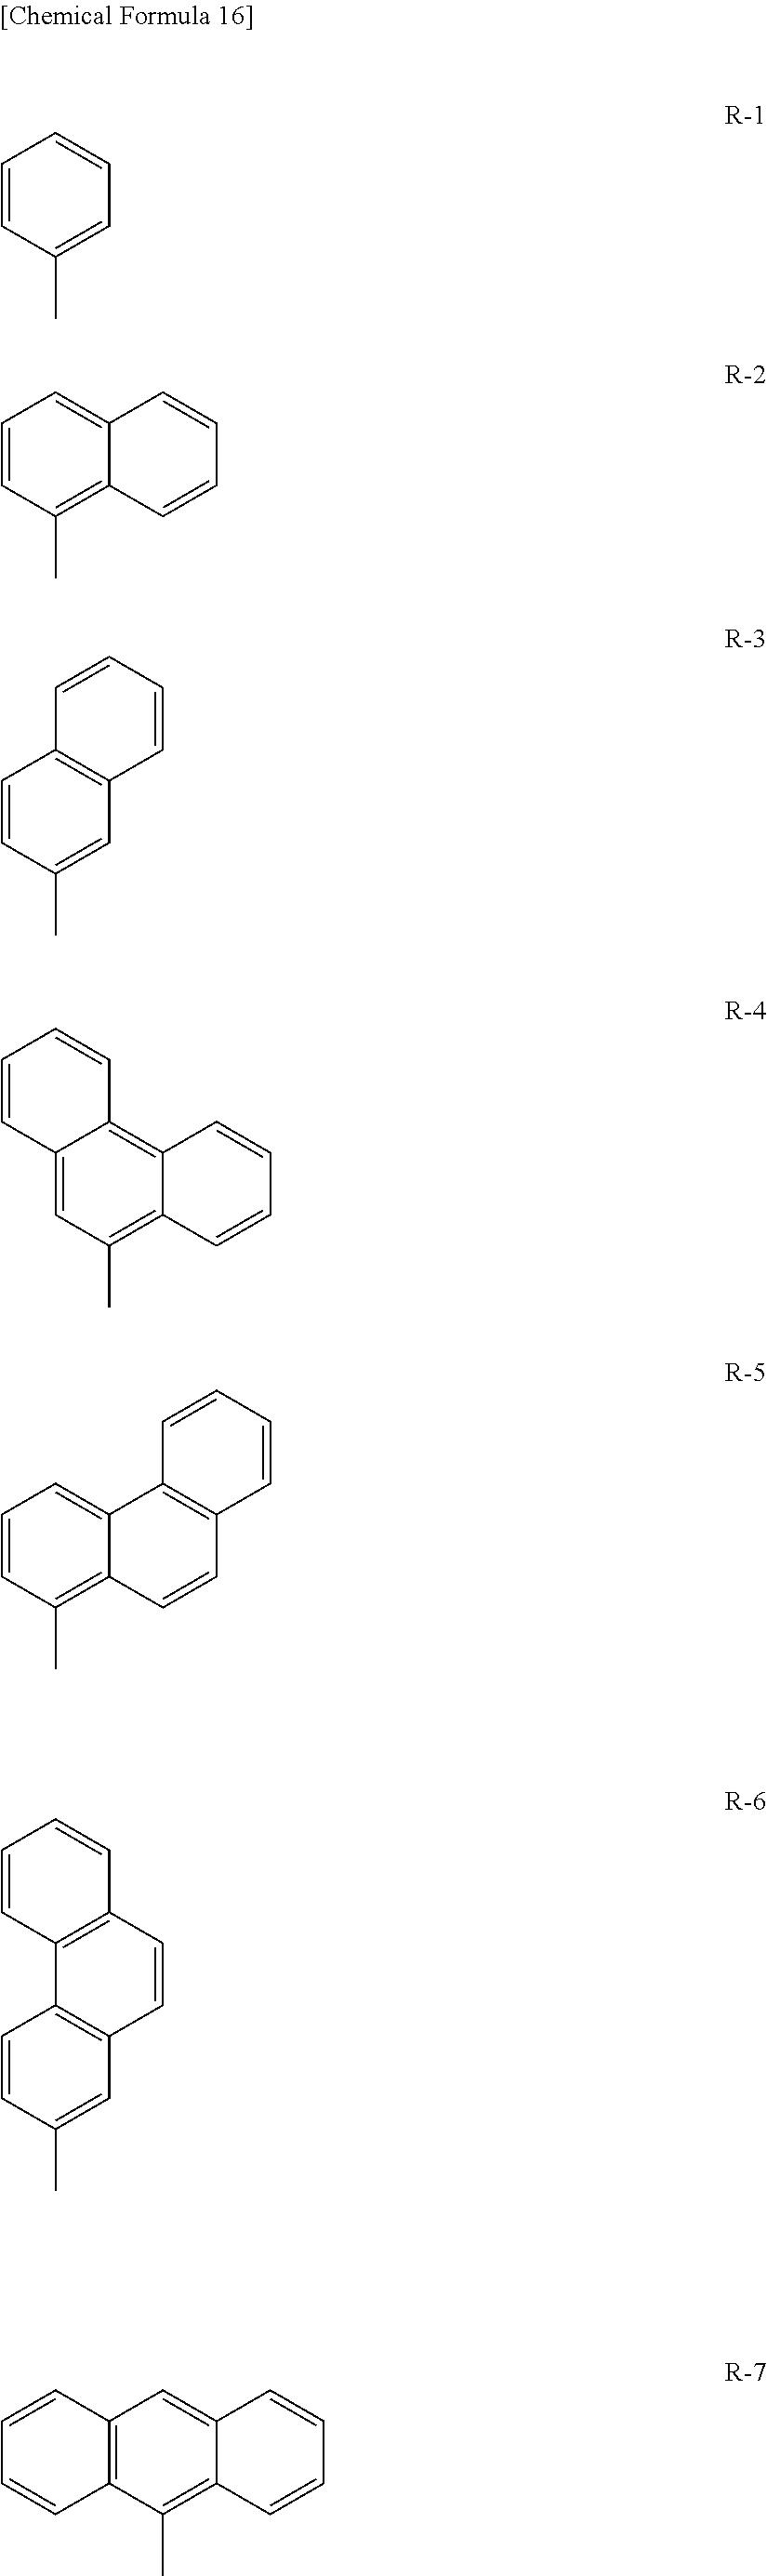 Figure US20110215312A1-20110908-C00018